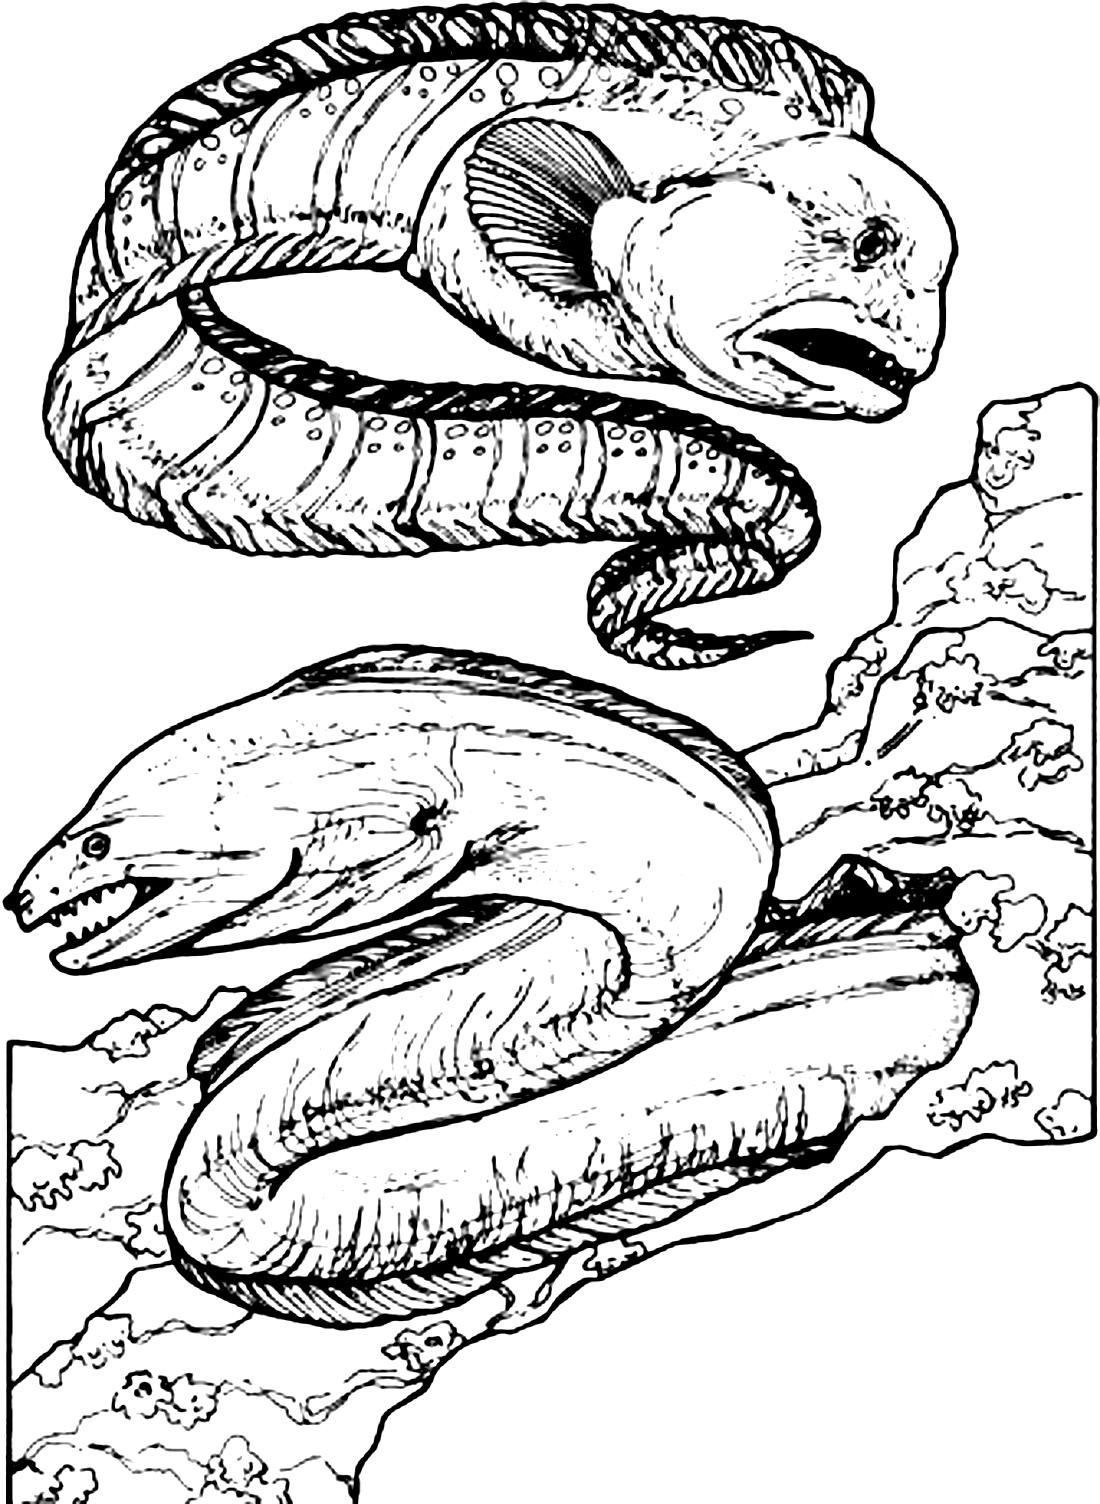 страшные морские угри раскраска 3025 Printonic Ru